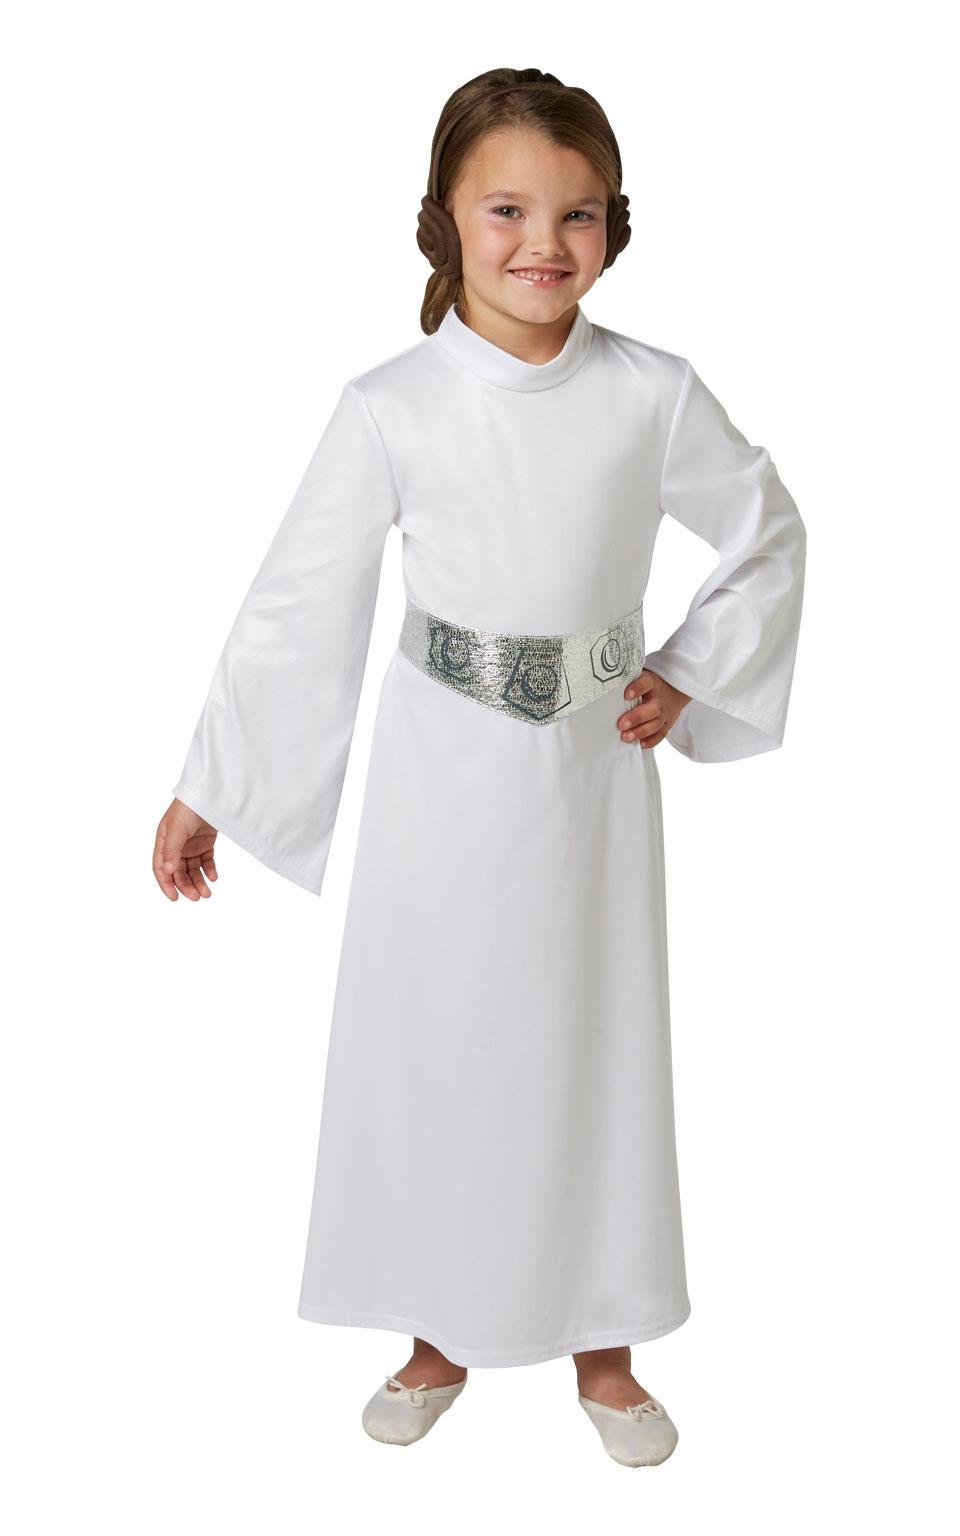 цены на Костюм принцессы Леи детский (30-32) в интернет-магазинах